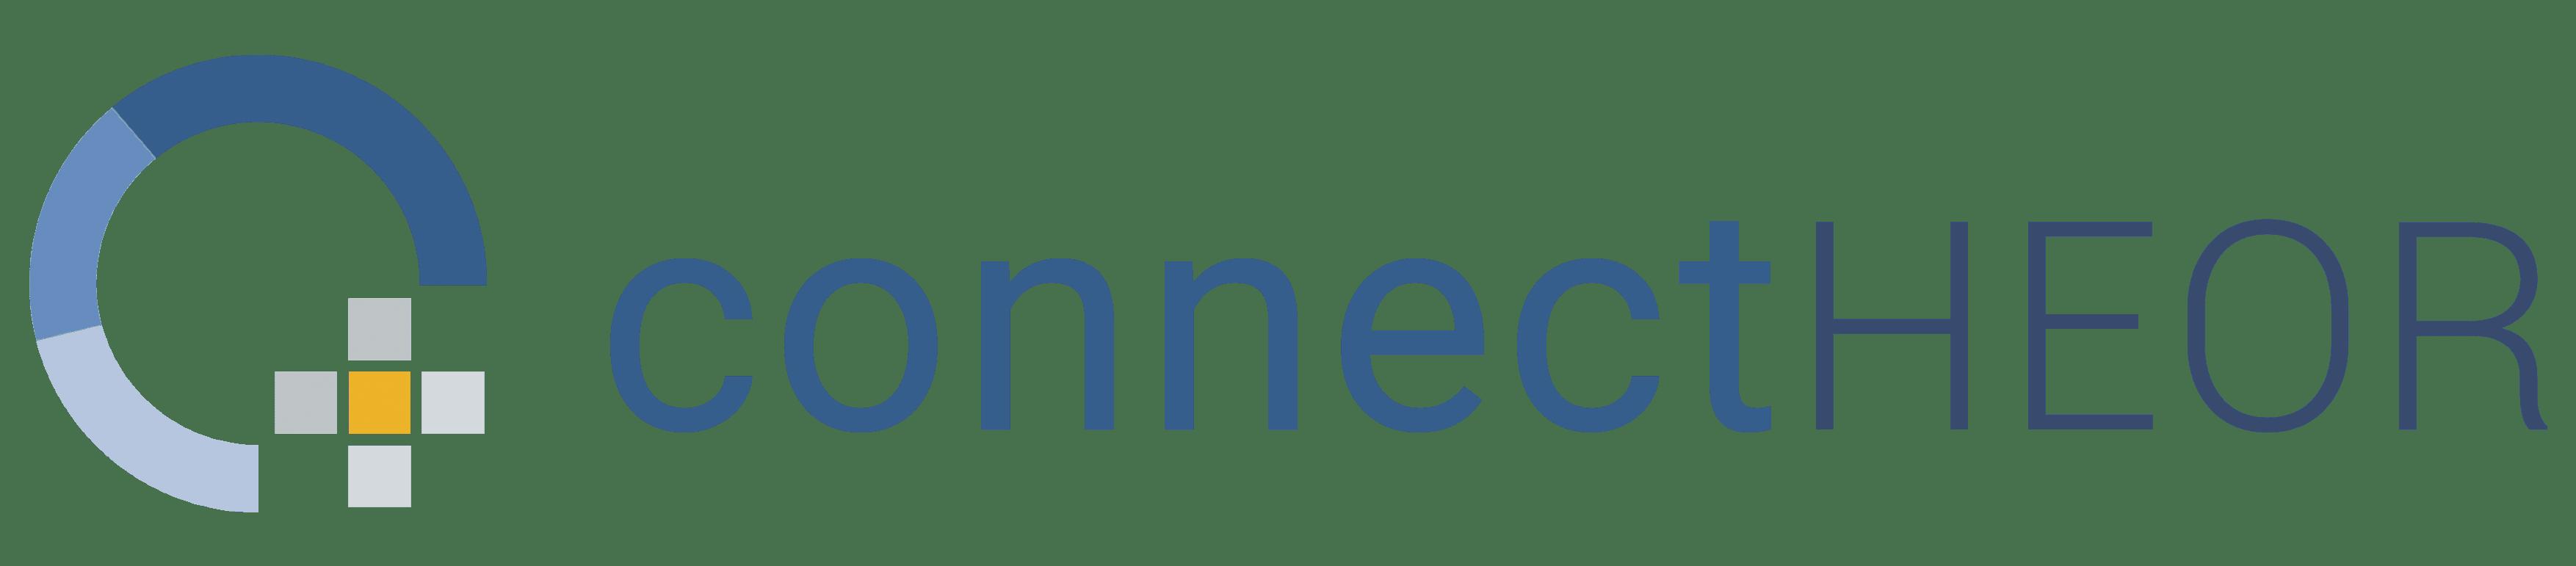 ConnectHEOR